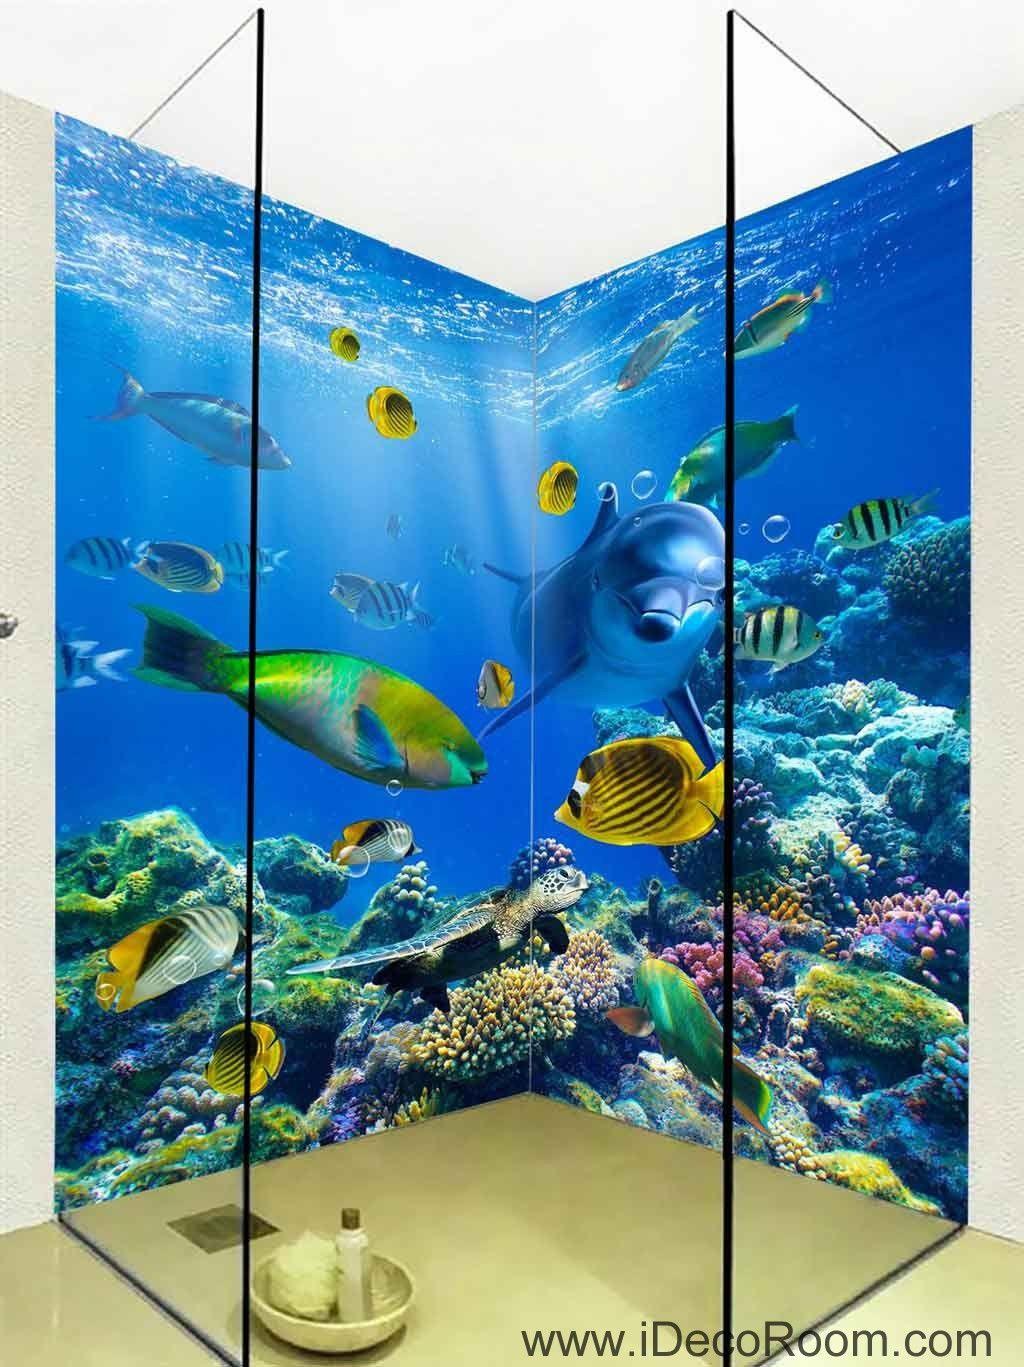 D wallpaper dophin fish coral sea wall murals bathroom decals wall